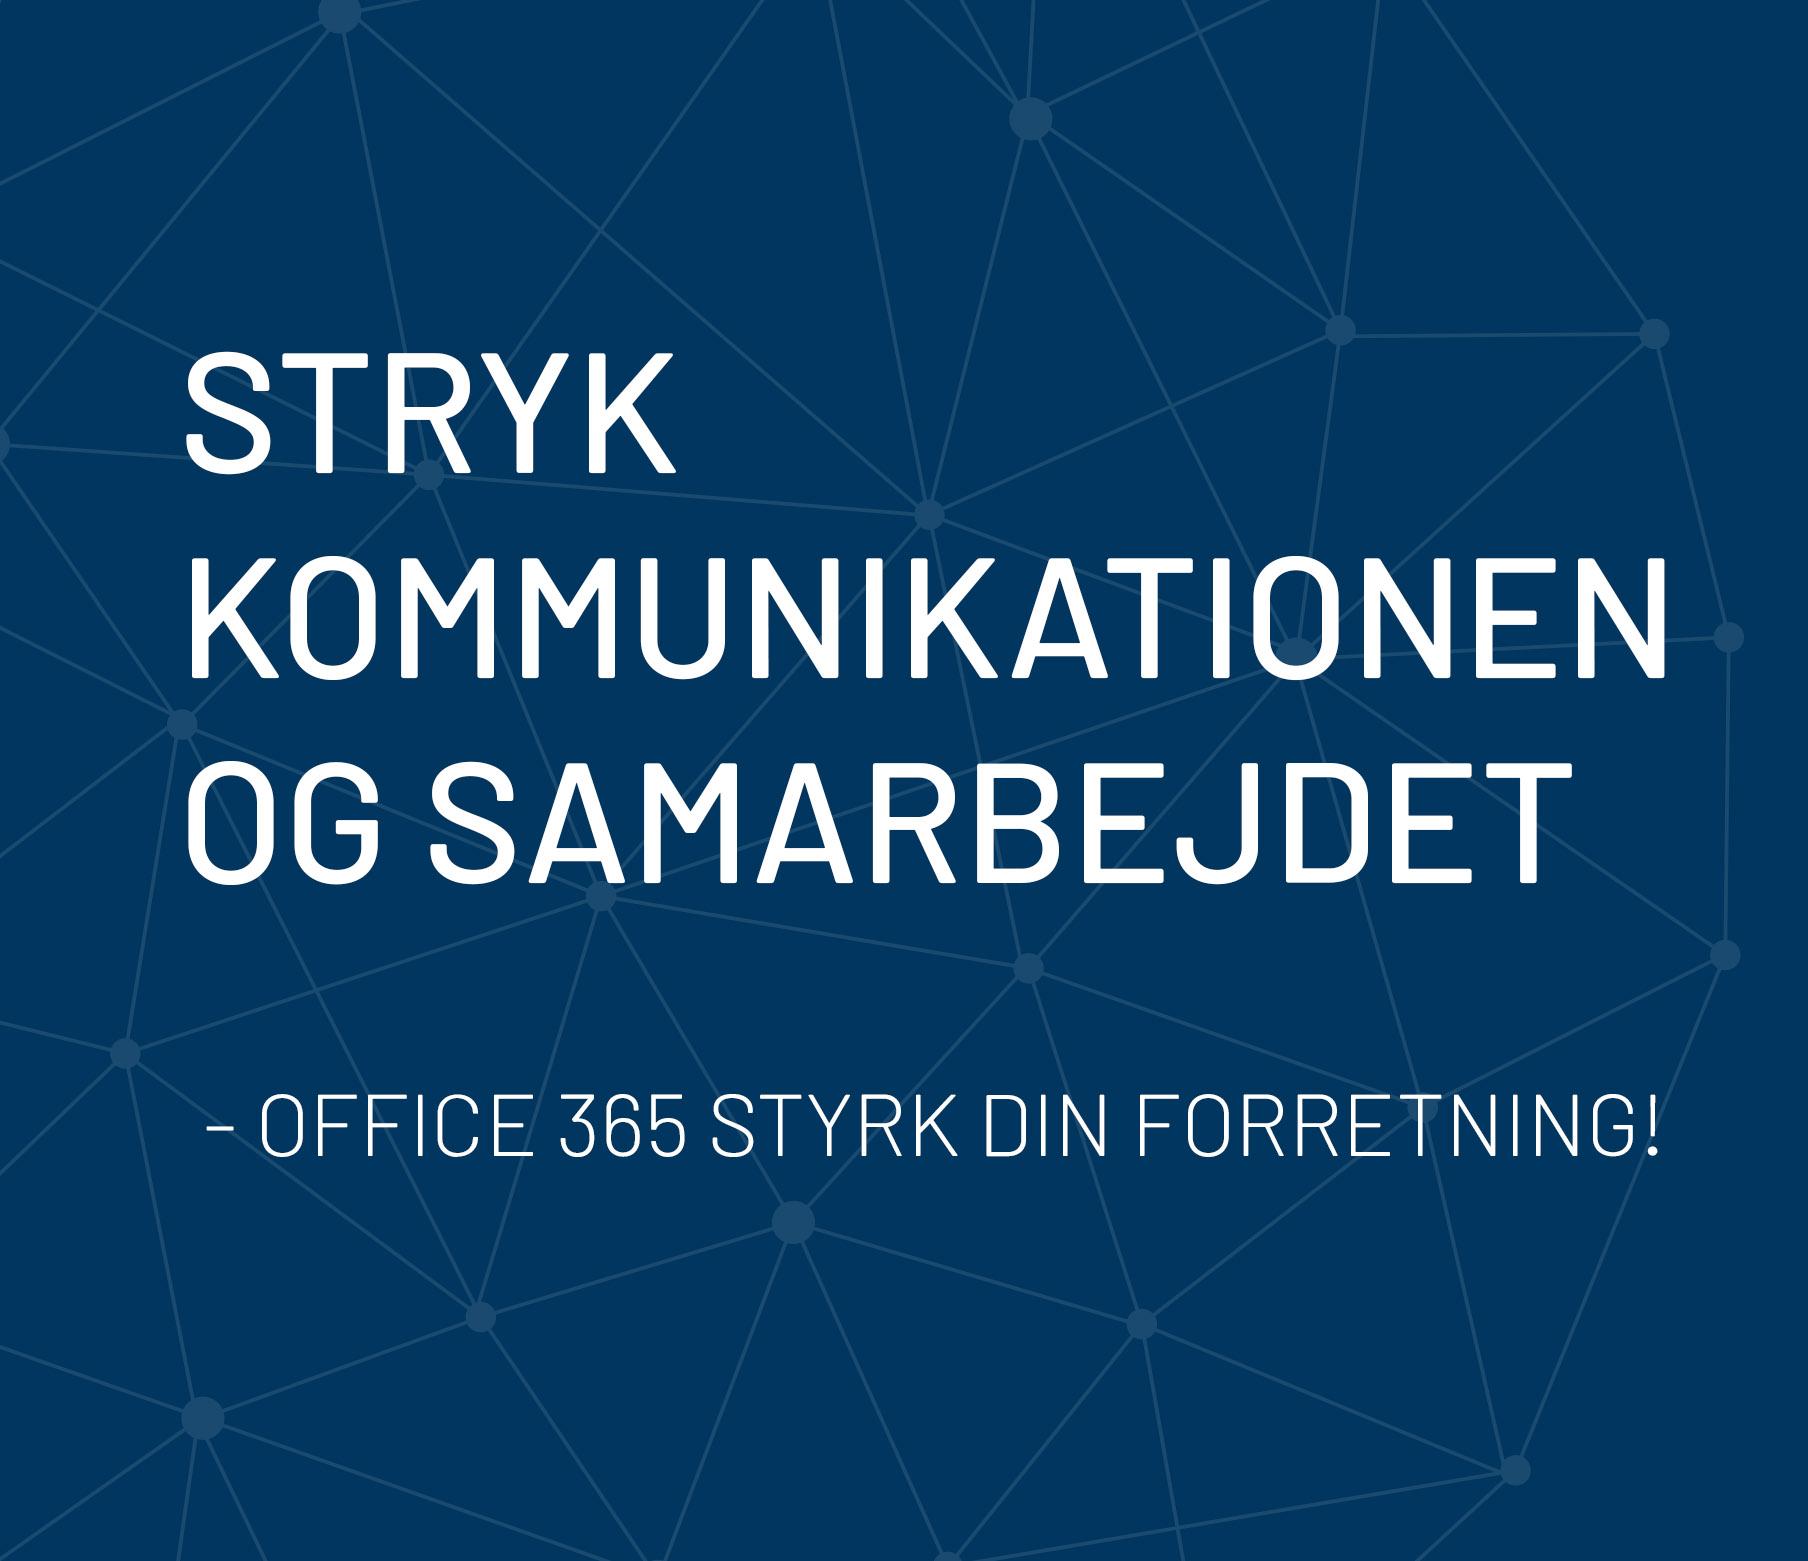 Office 365 programmer - Fiks IT